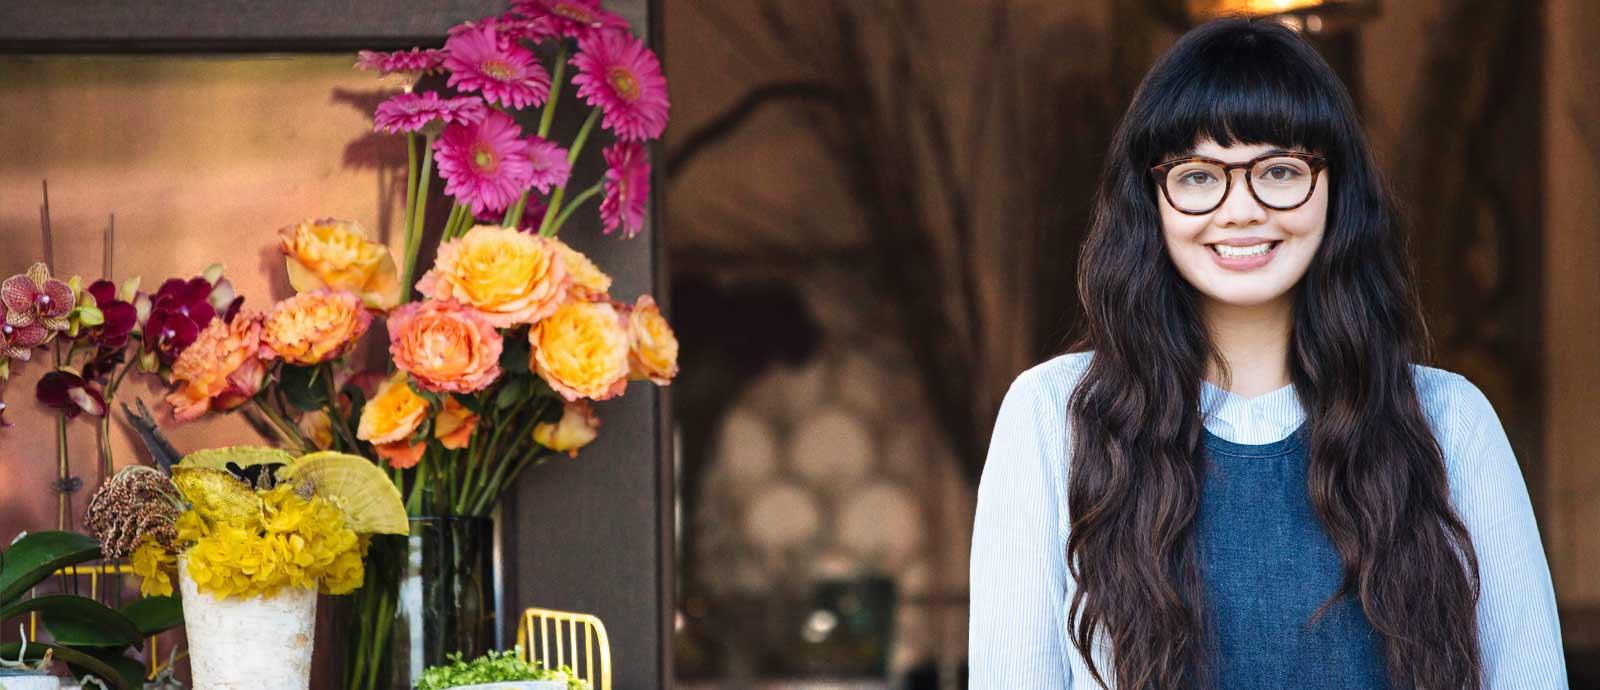 En smilende ung kvinne med briller som står utendørs med blomster i bakgrunnen.